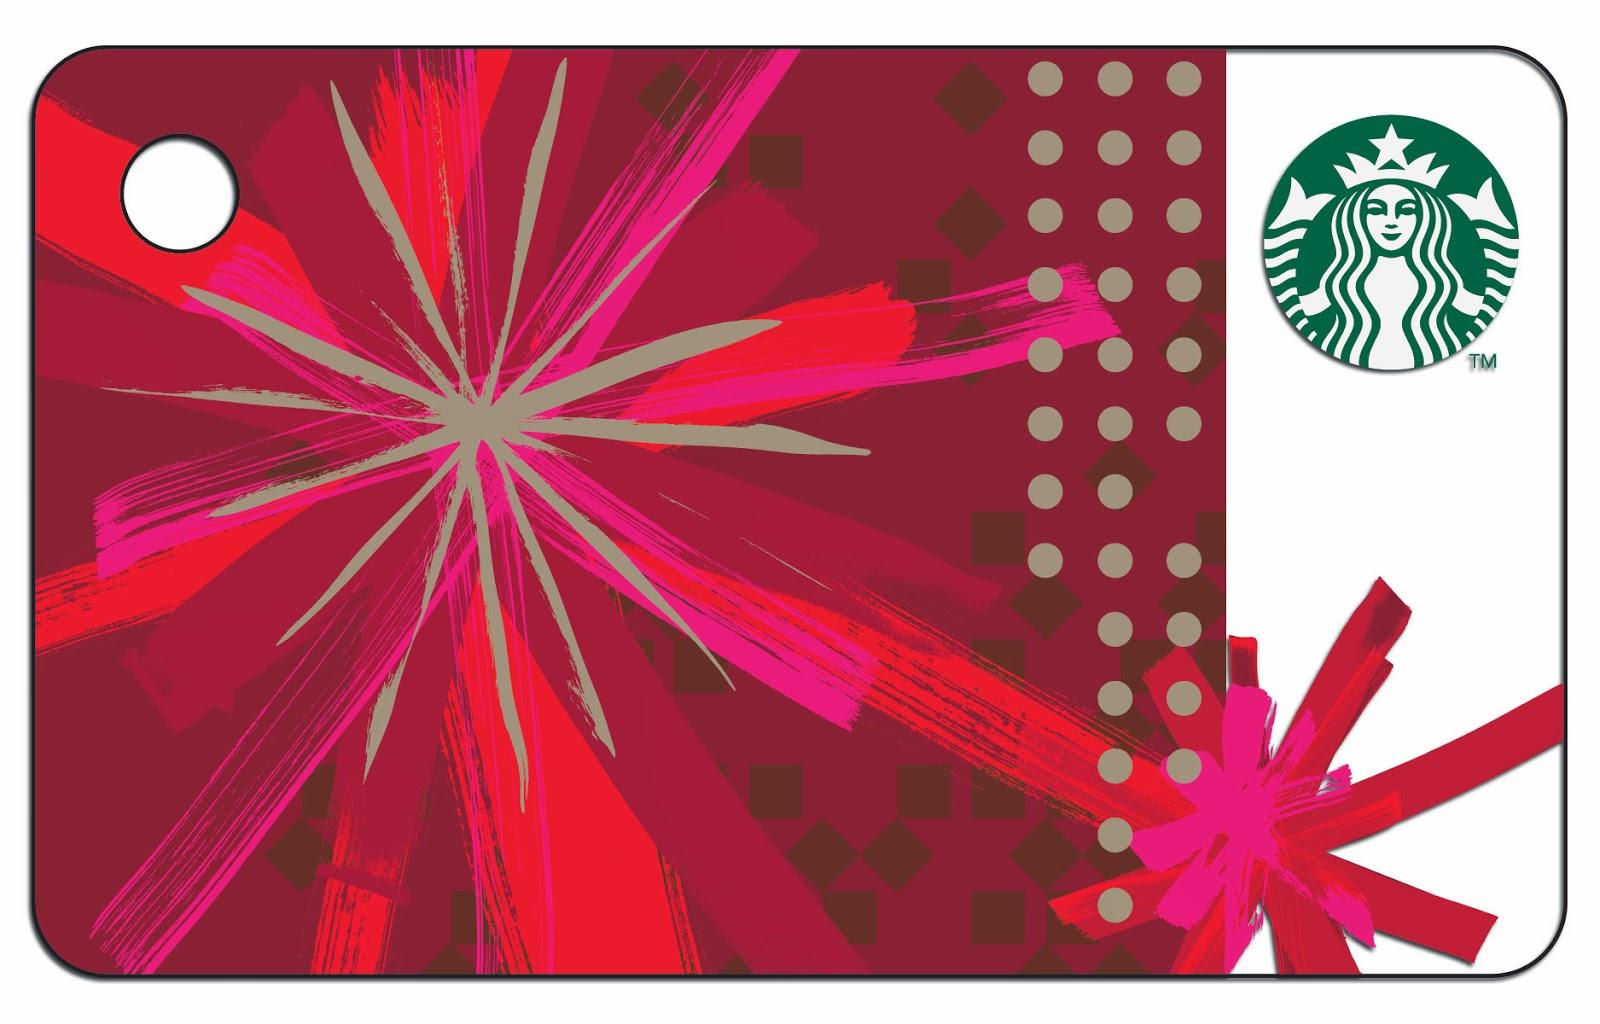 The new mini Starbucks Card 2014